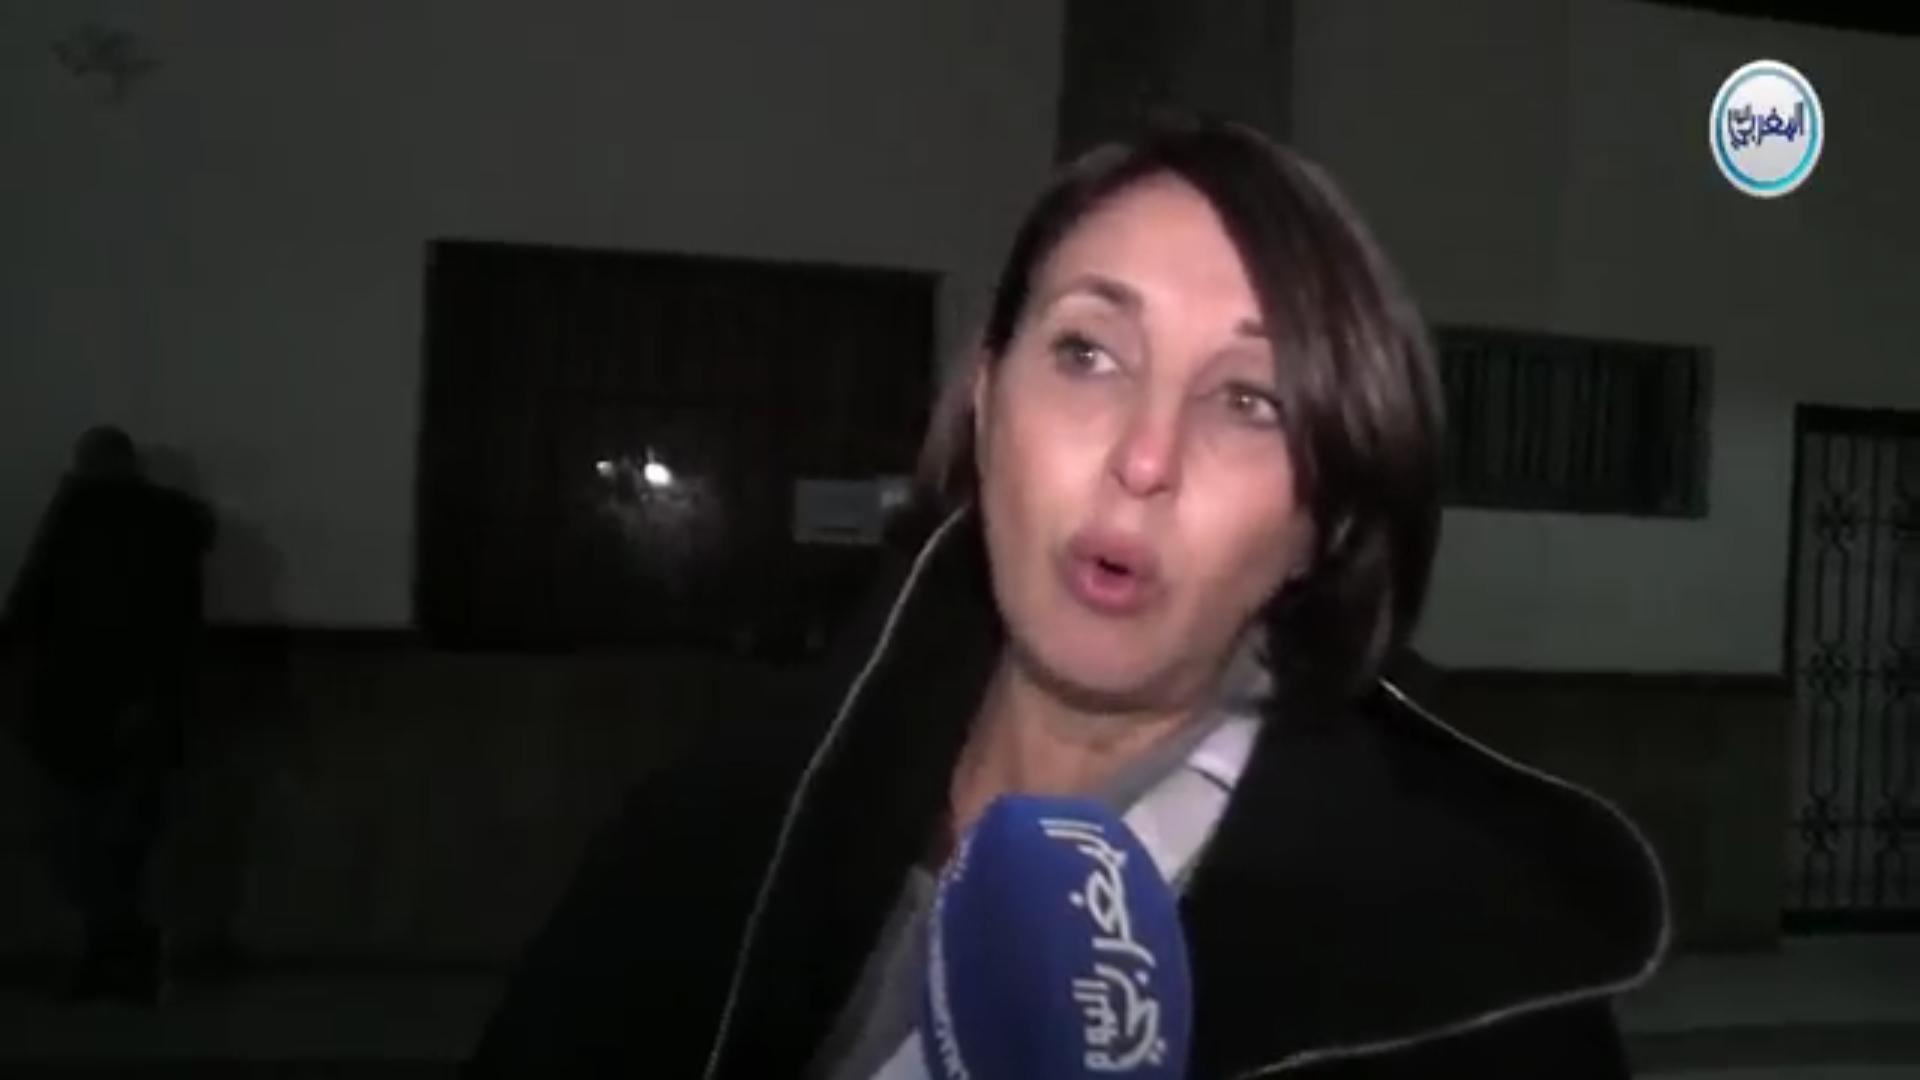 بالفيديو… منيب تعلق على ملف الريف ساعات قبل الحكم على الزفزافي ورفاقه